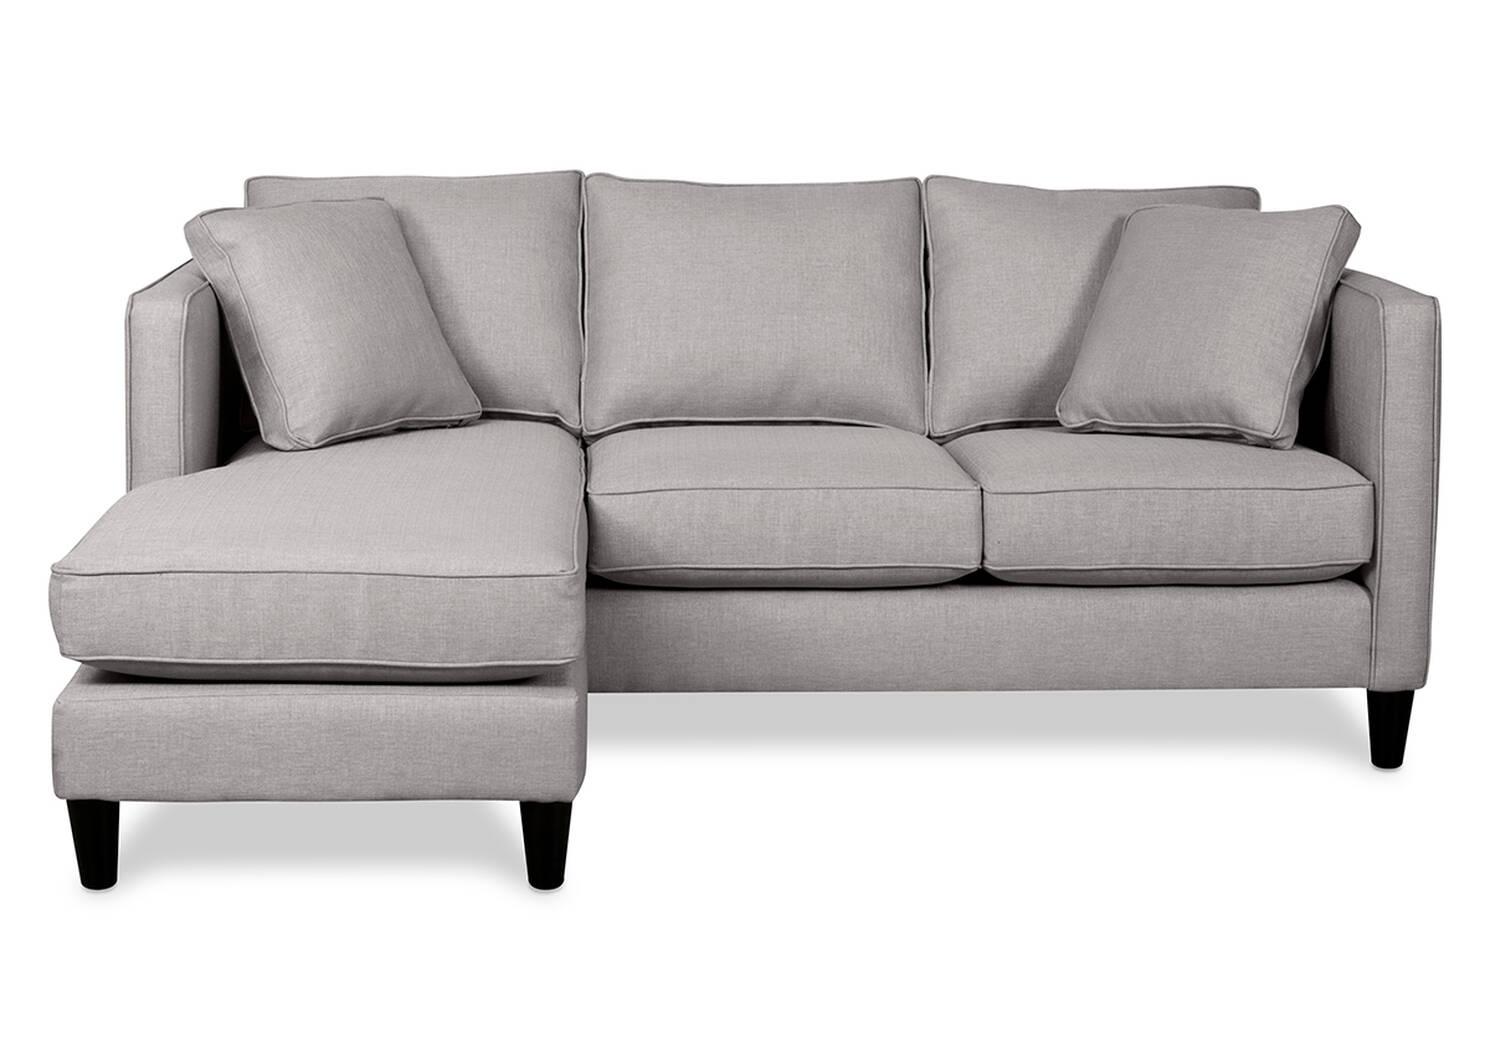 Canapé d'angle Lure personnalisé